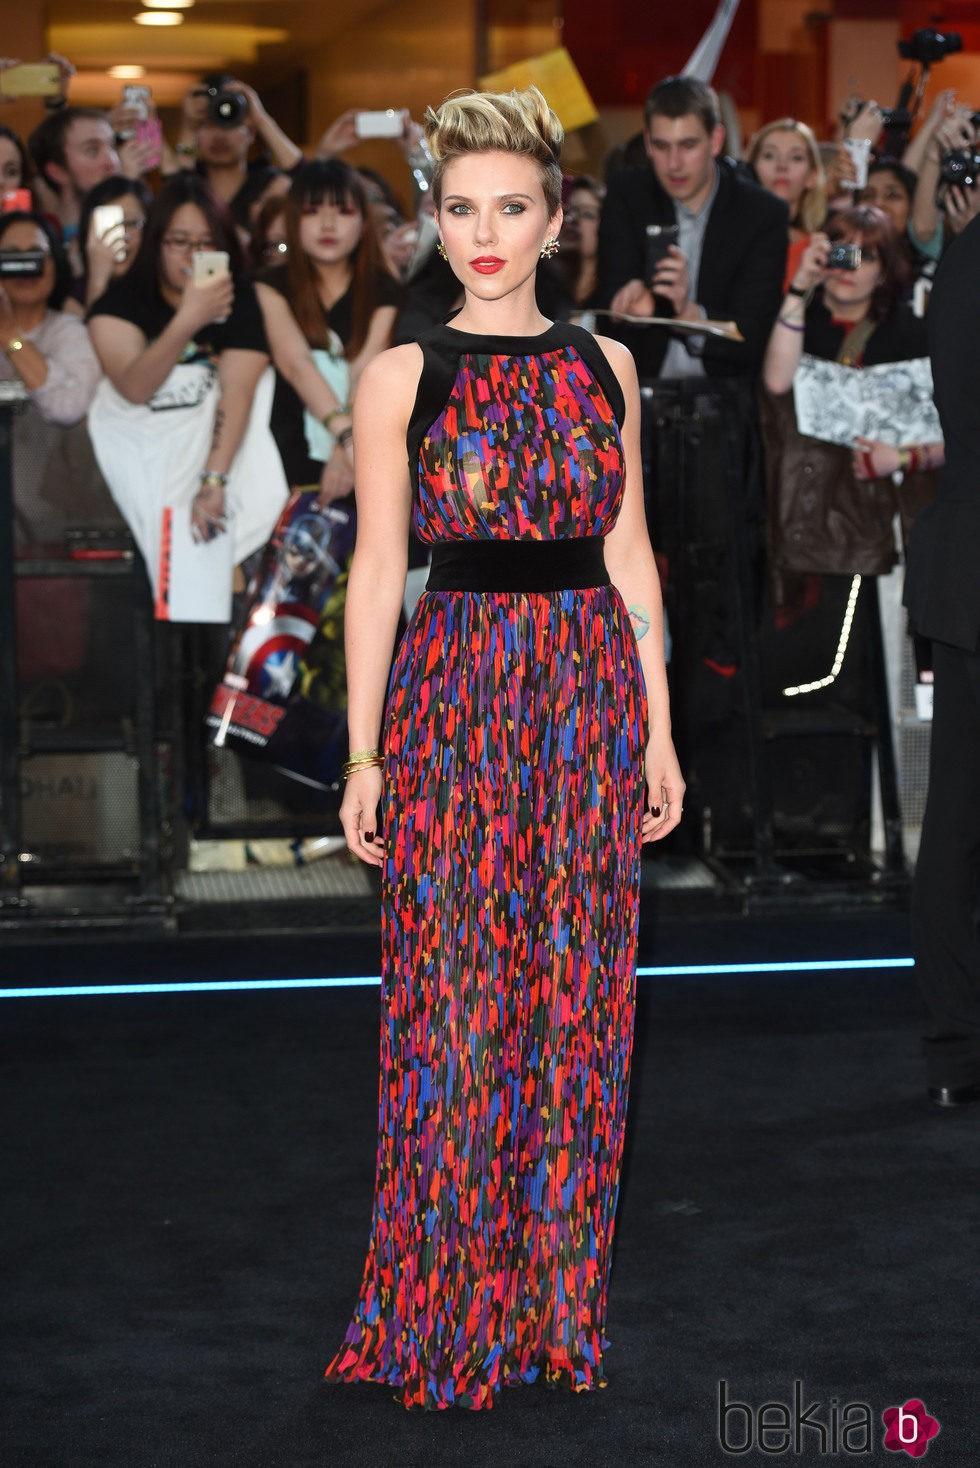 Scarlett Johansson en el estreno de 'Los Vengadores: la era de Ultron' en Londres